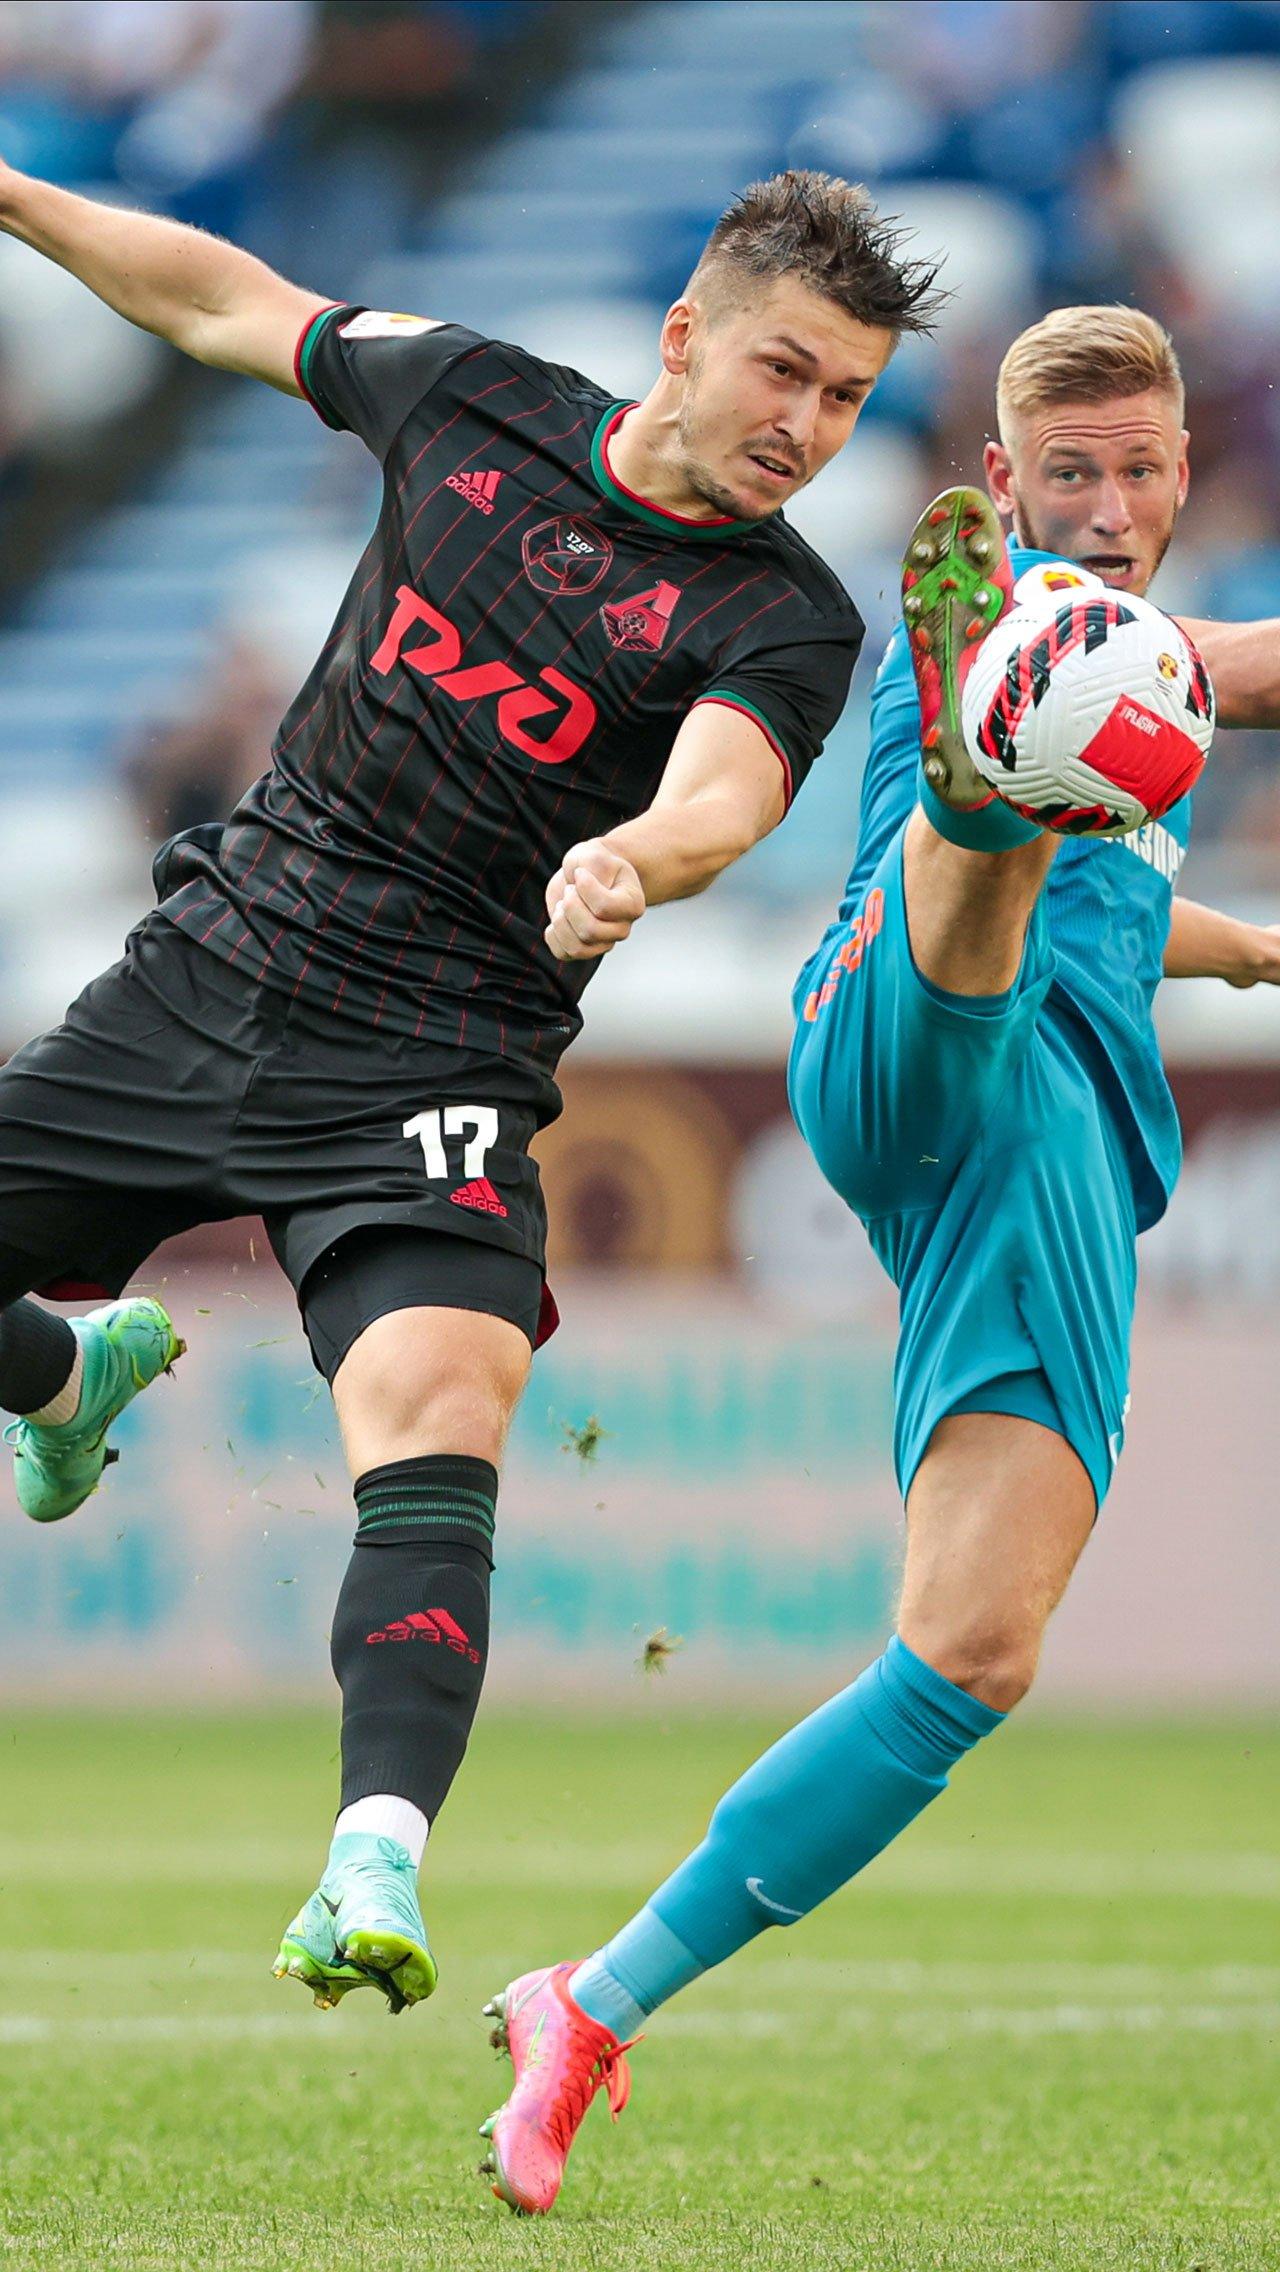 «Локомотив» играл в новой чёрной форме – скованно, вяло и почти без моментов. Чистяков и защита «Зенита» легко справлялись.